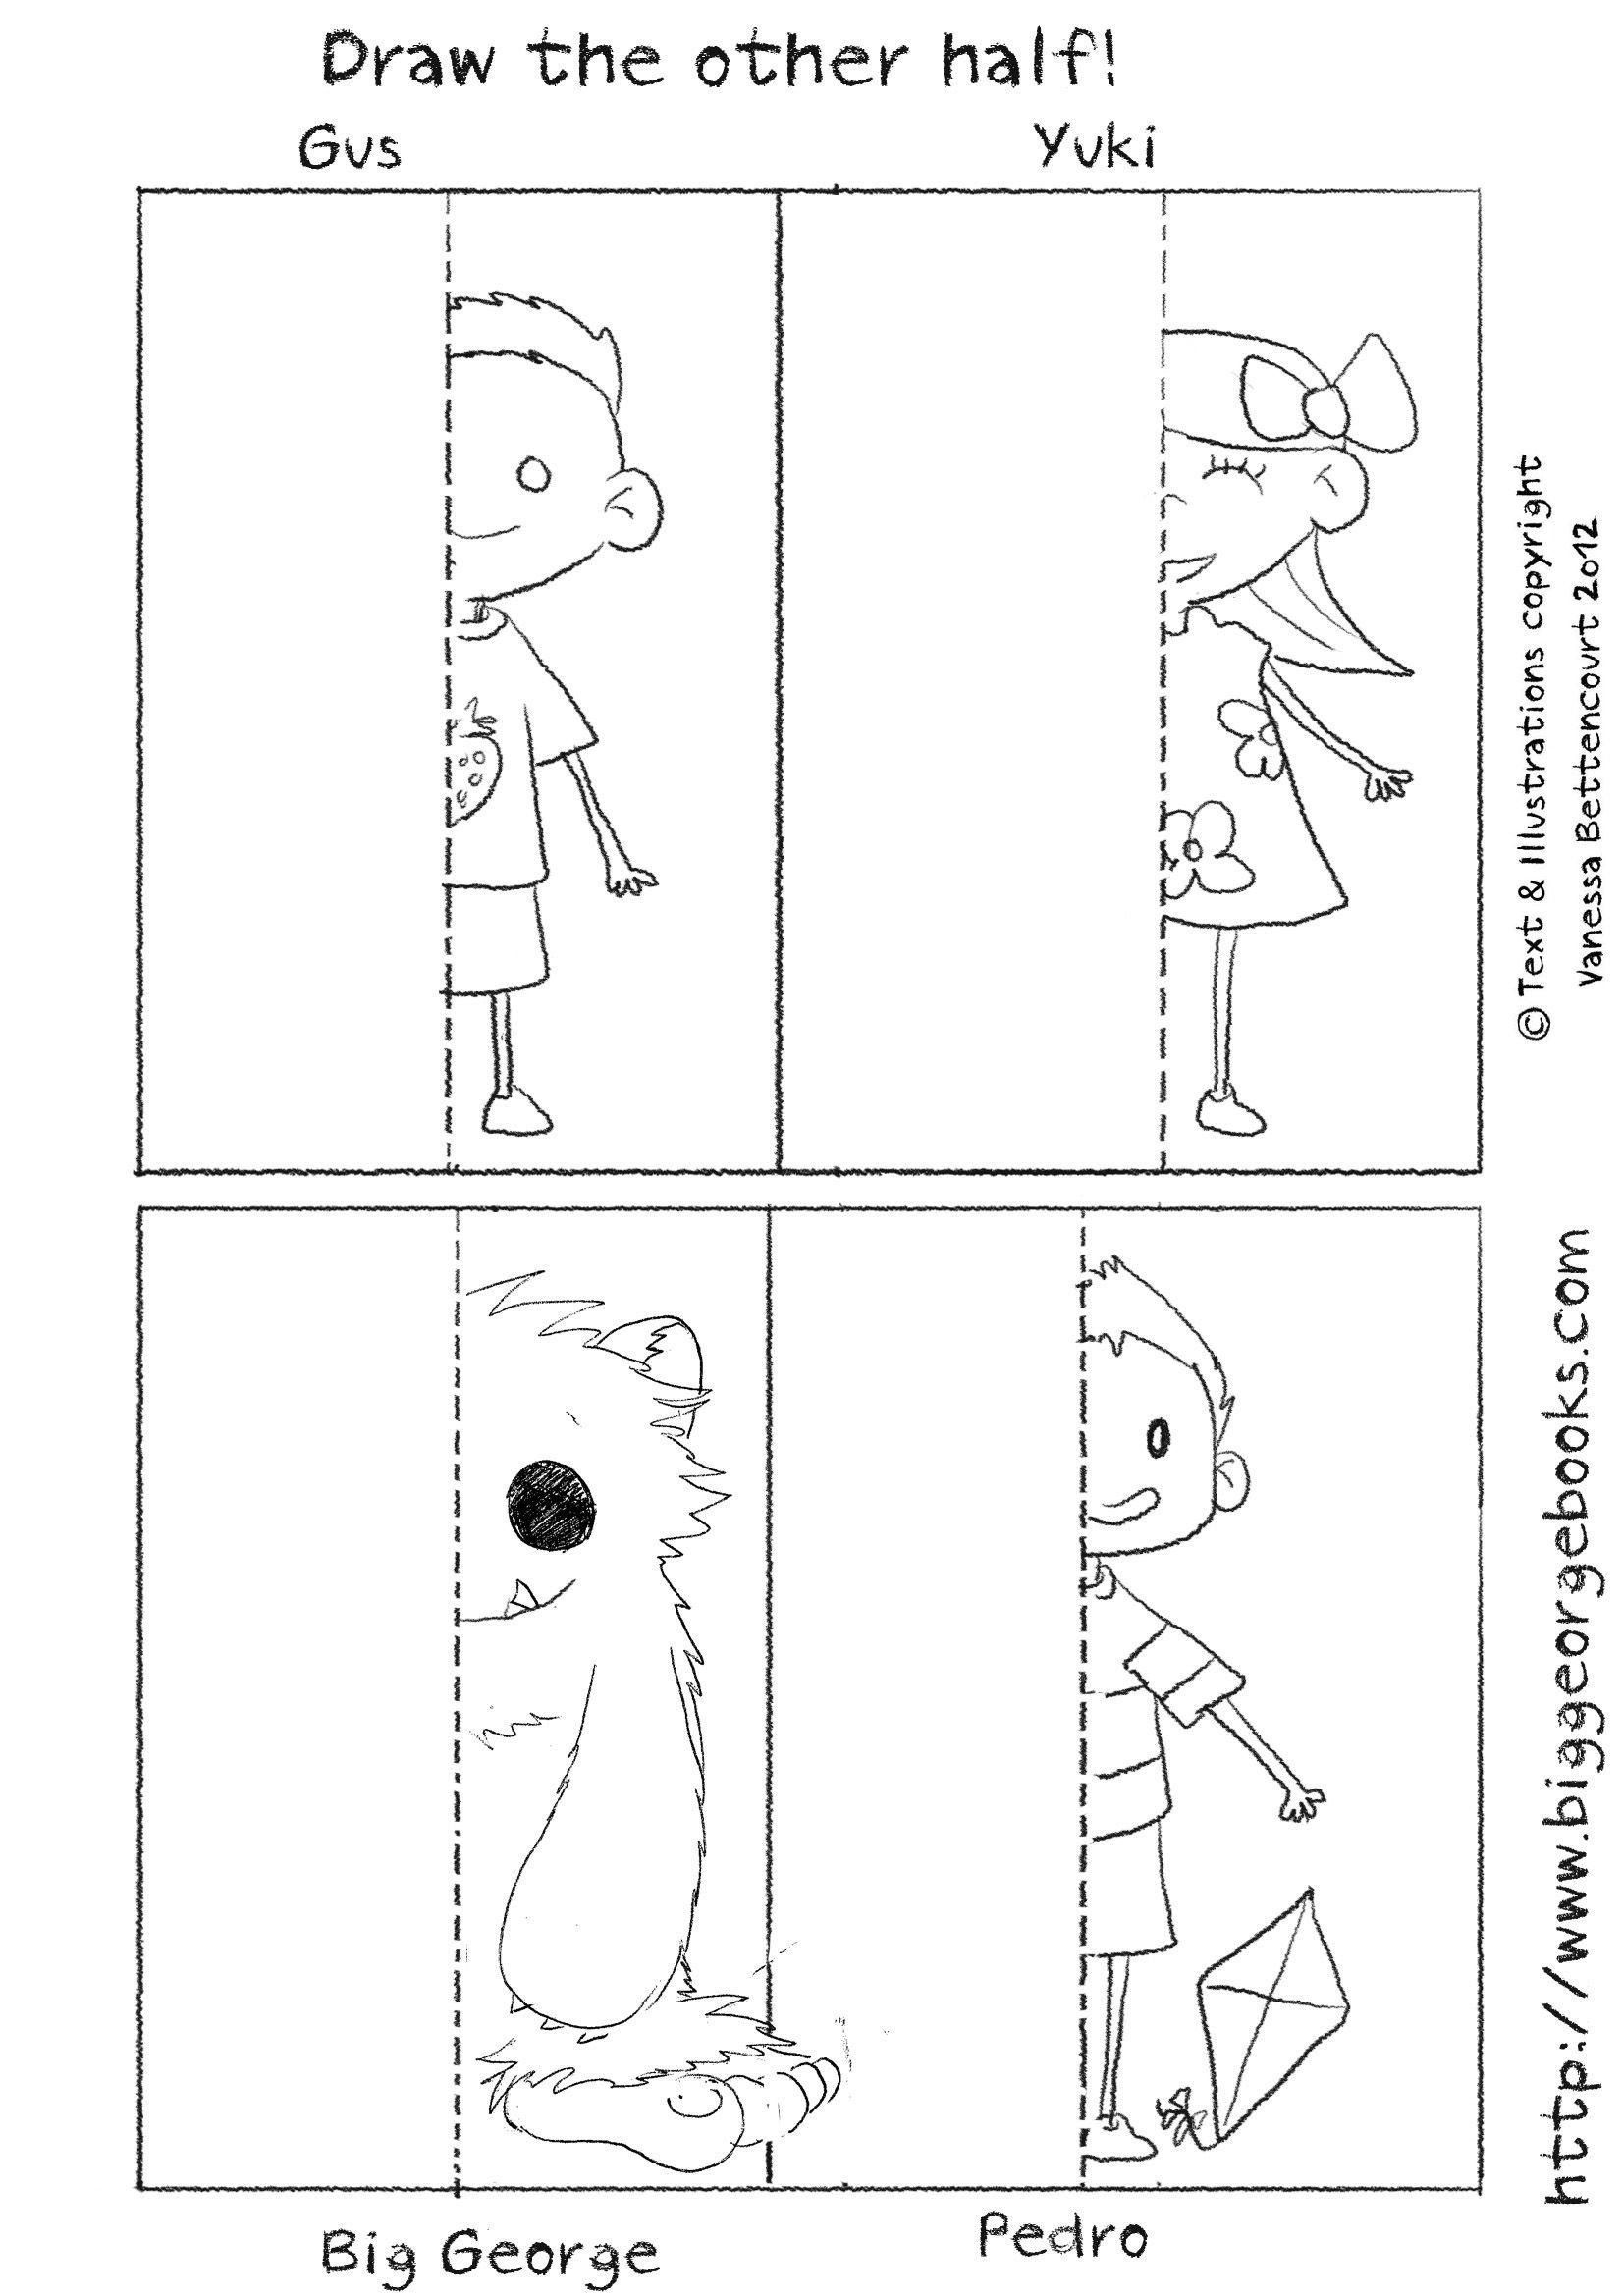 Draw The Other Half Download More Free Worsheets From The Site Drawingactivitiesforkids Kinderg Kindergarten Drawing Preschool Activities Worksheets Free [ 2339 x 1653 Pixel ]